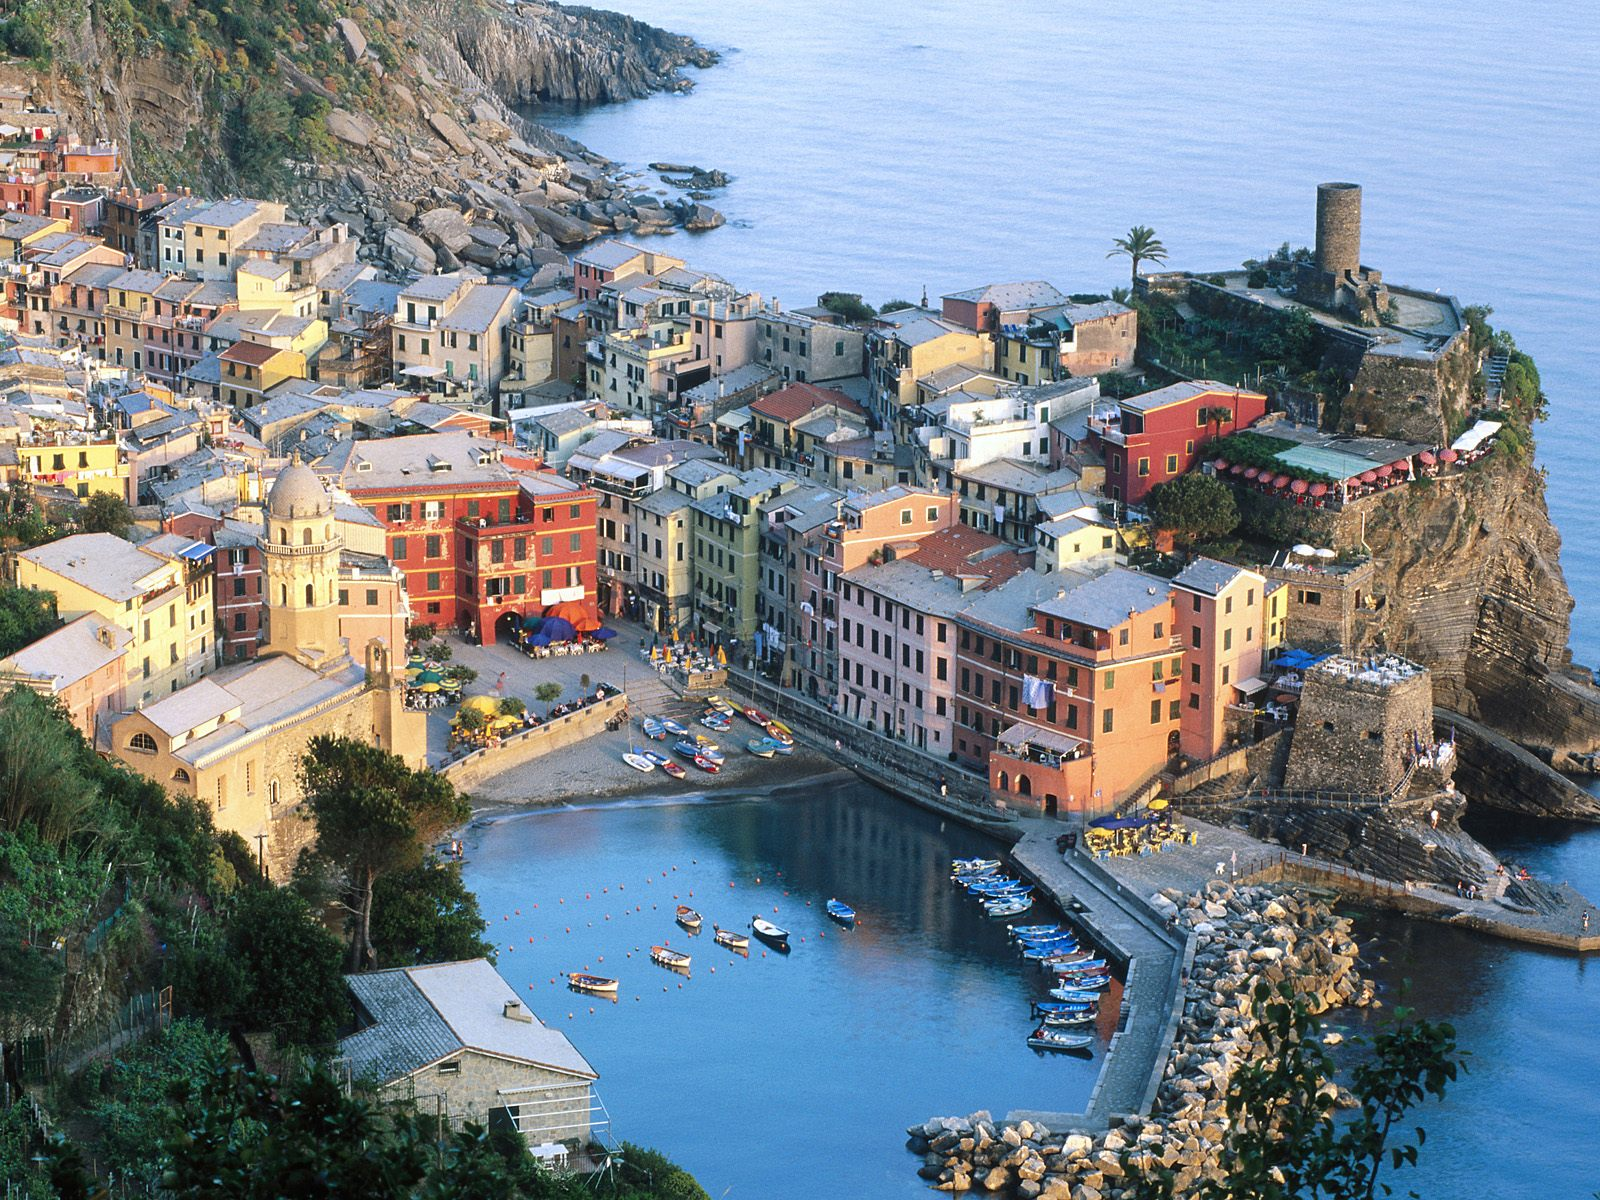 Si può fare il bagno in Liguria a Giugno?